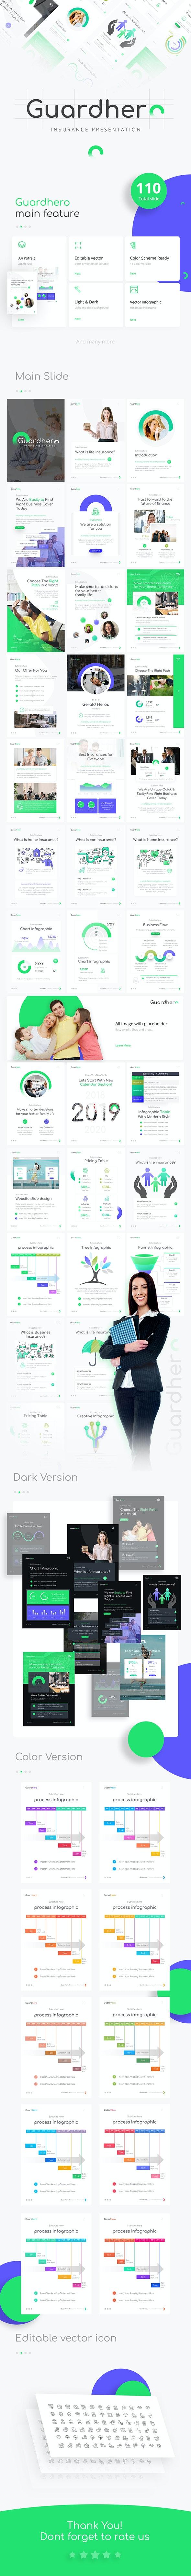 Guardhero Portrait Insurance Powerpoint Template - PowerPoint Templates Presentation Templates